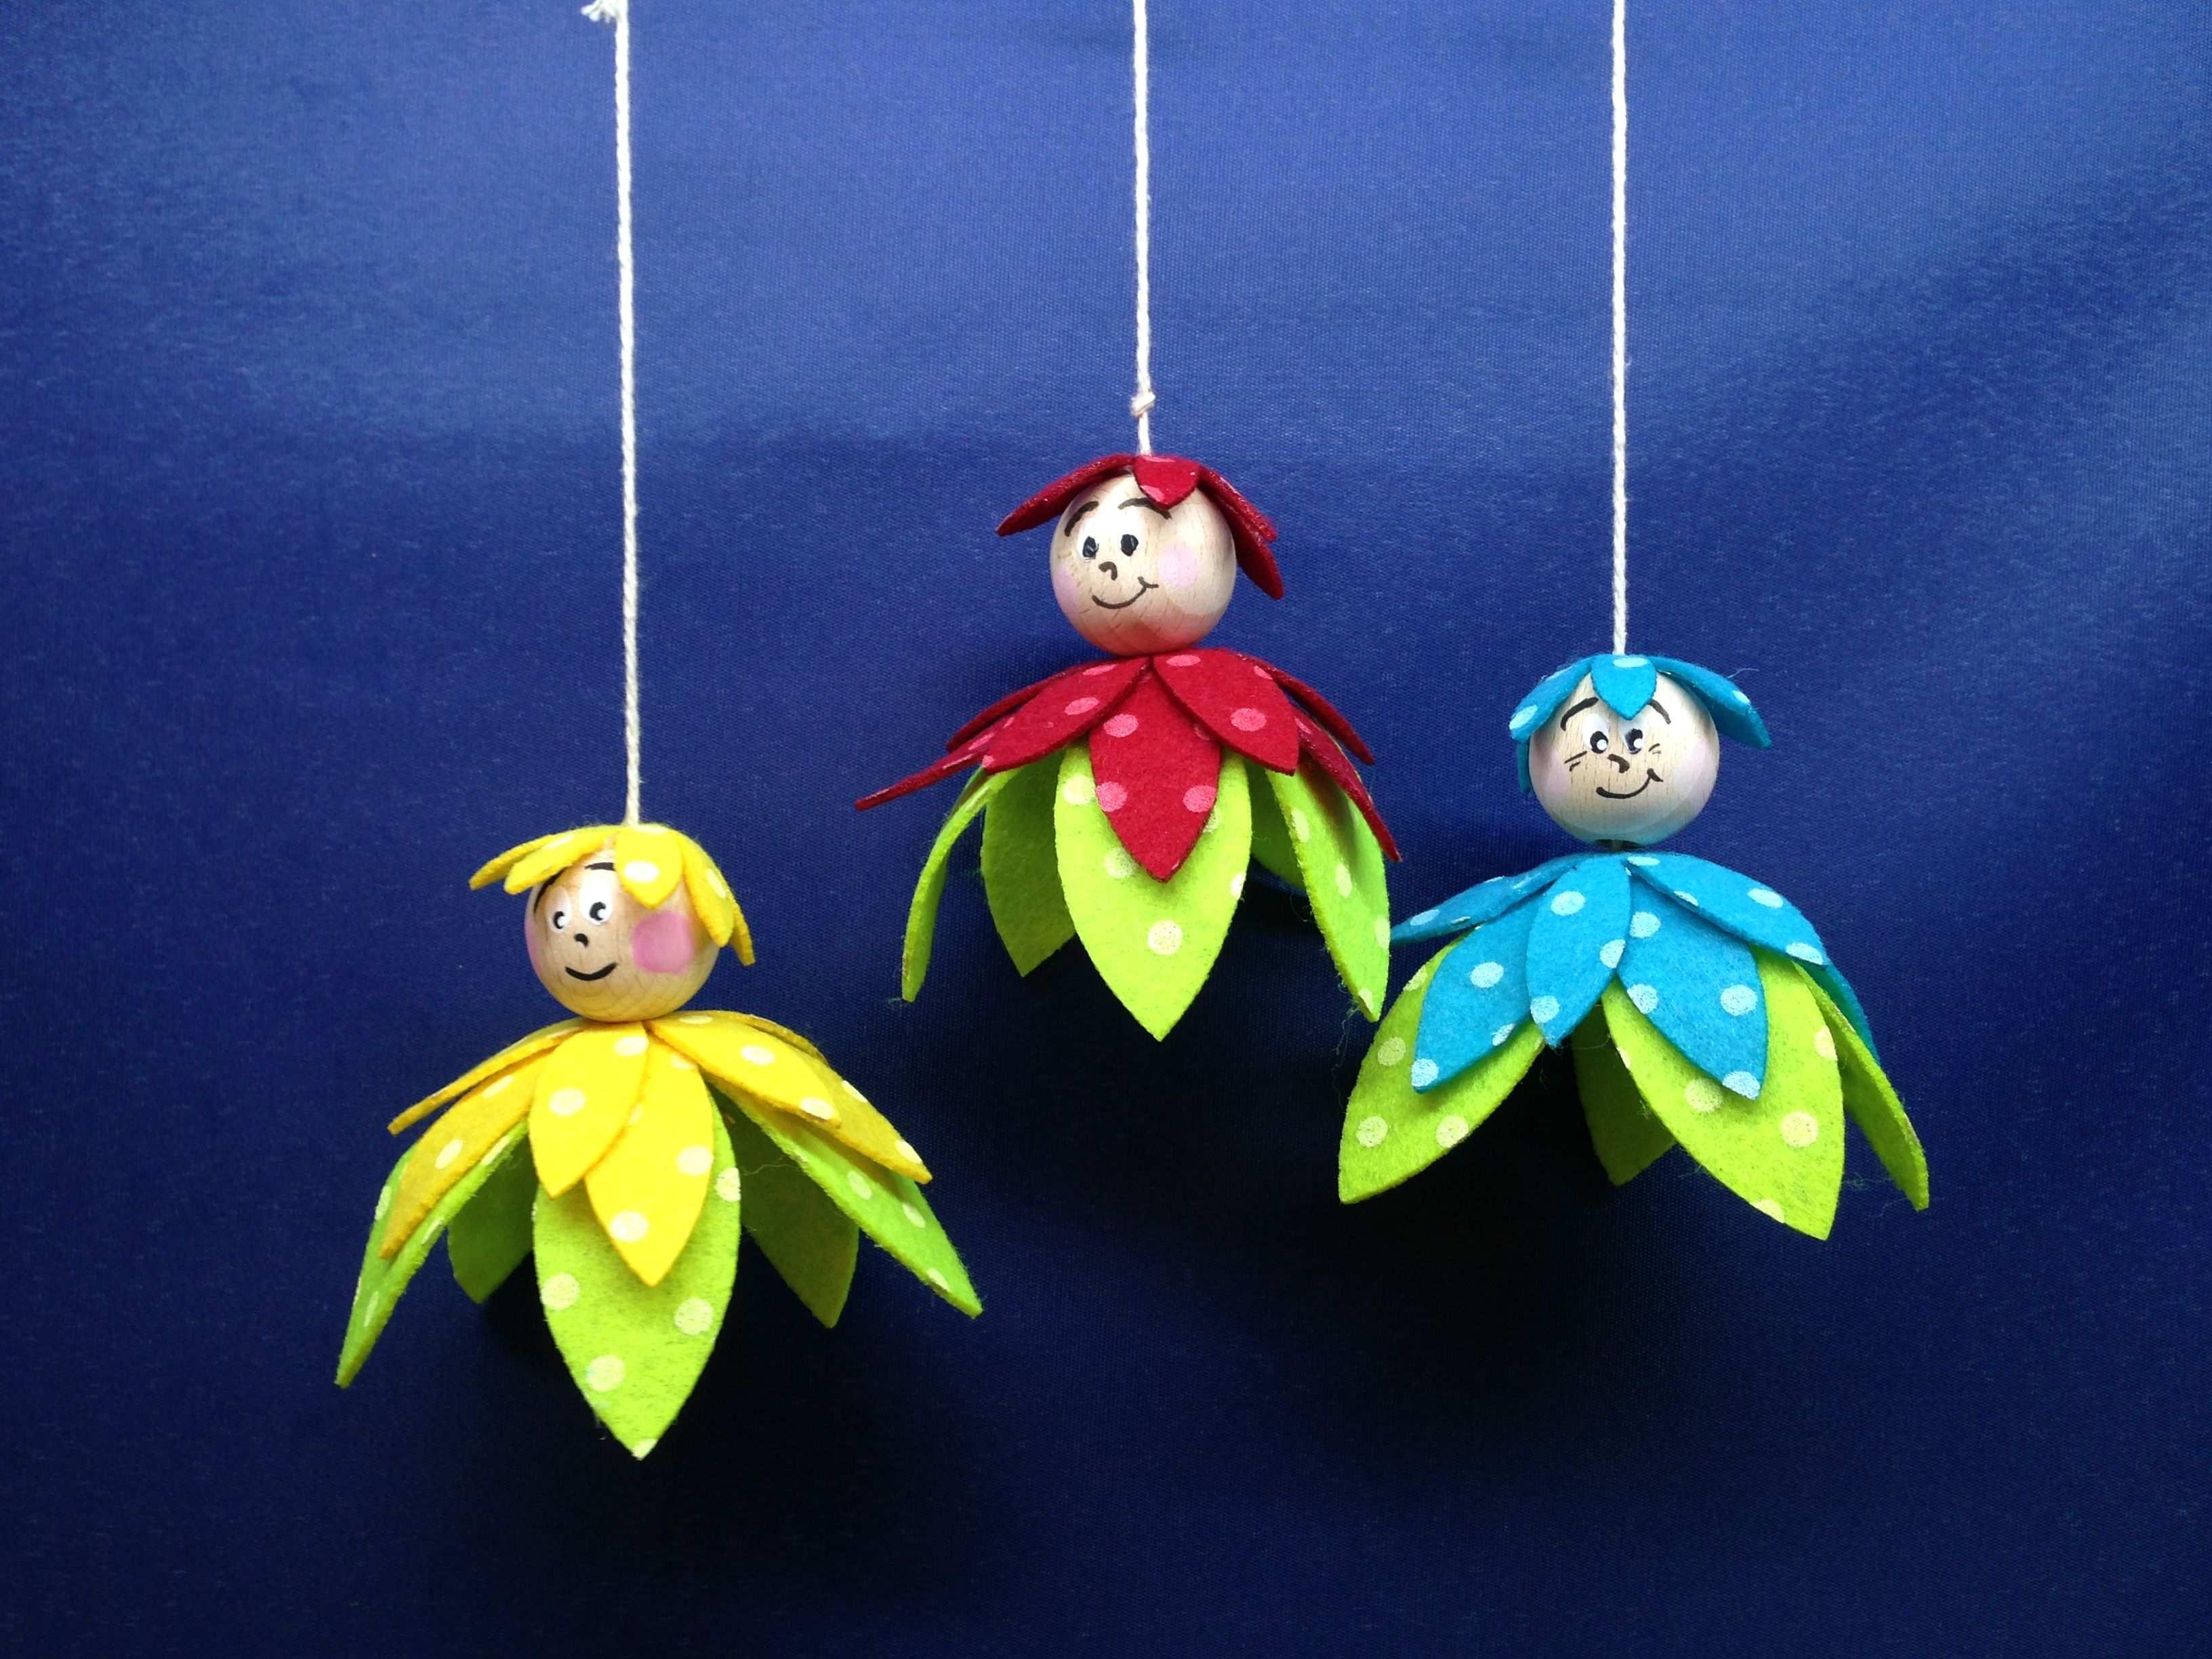 Tolles Bastelset Blumenkinder Aus Filz Zum Aufhangen Basteln Fruhling Kindergarten Basteln Kinder Basteln Papier